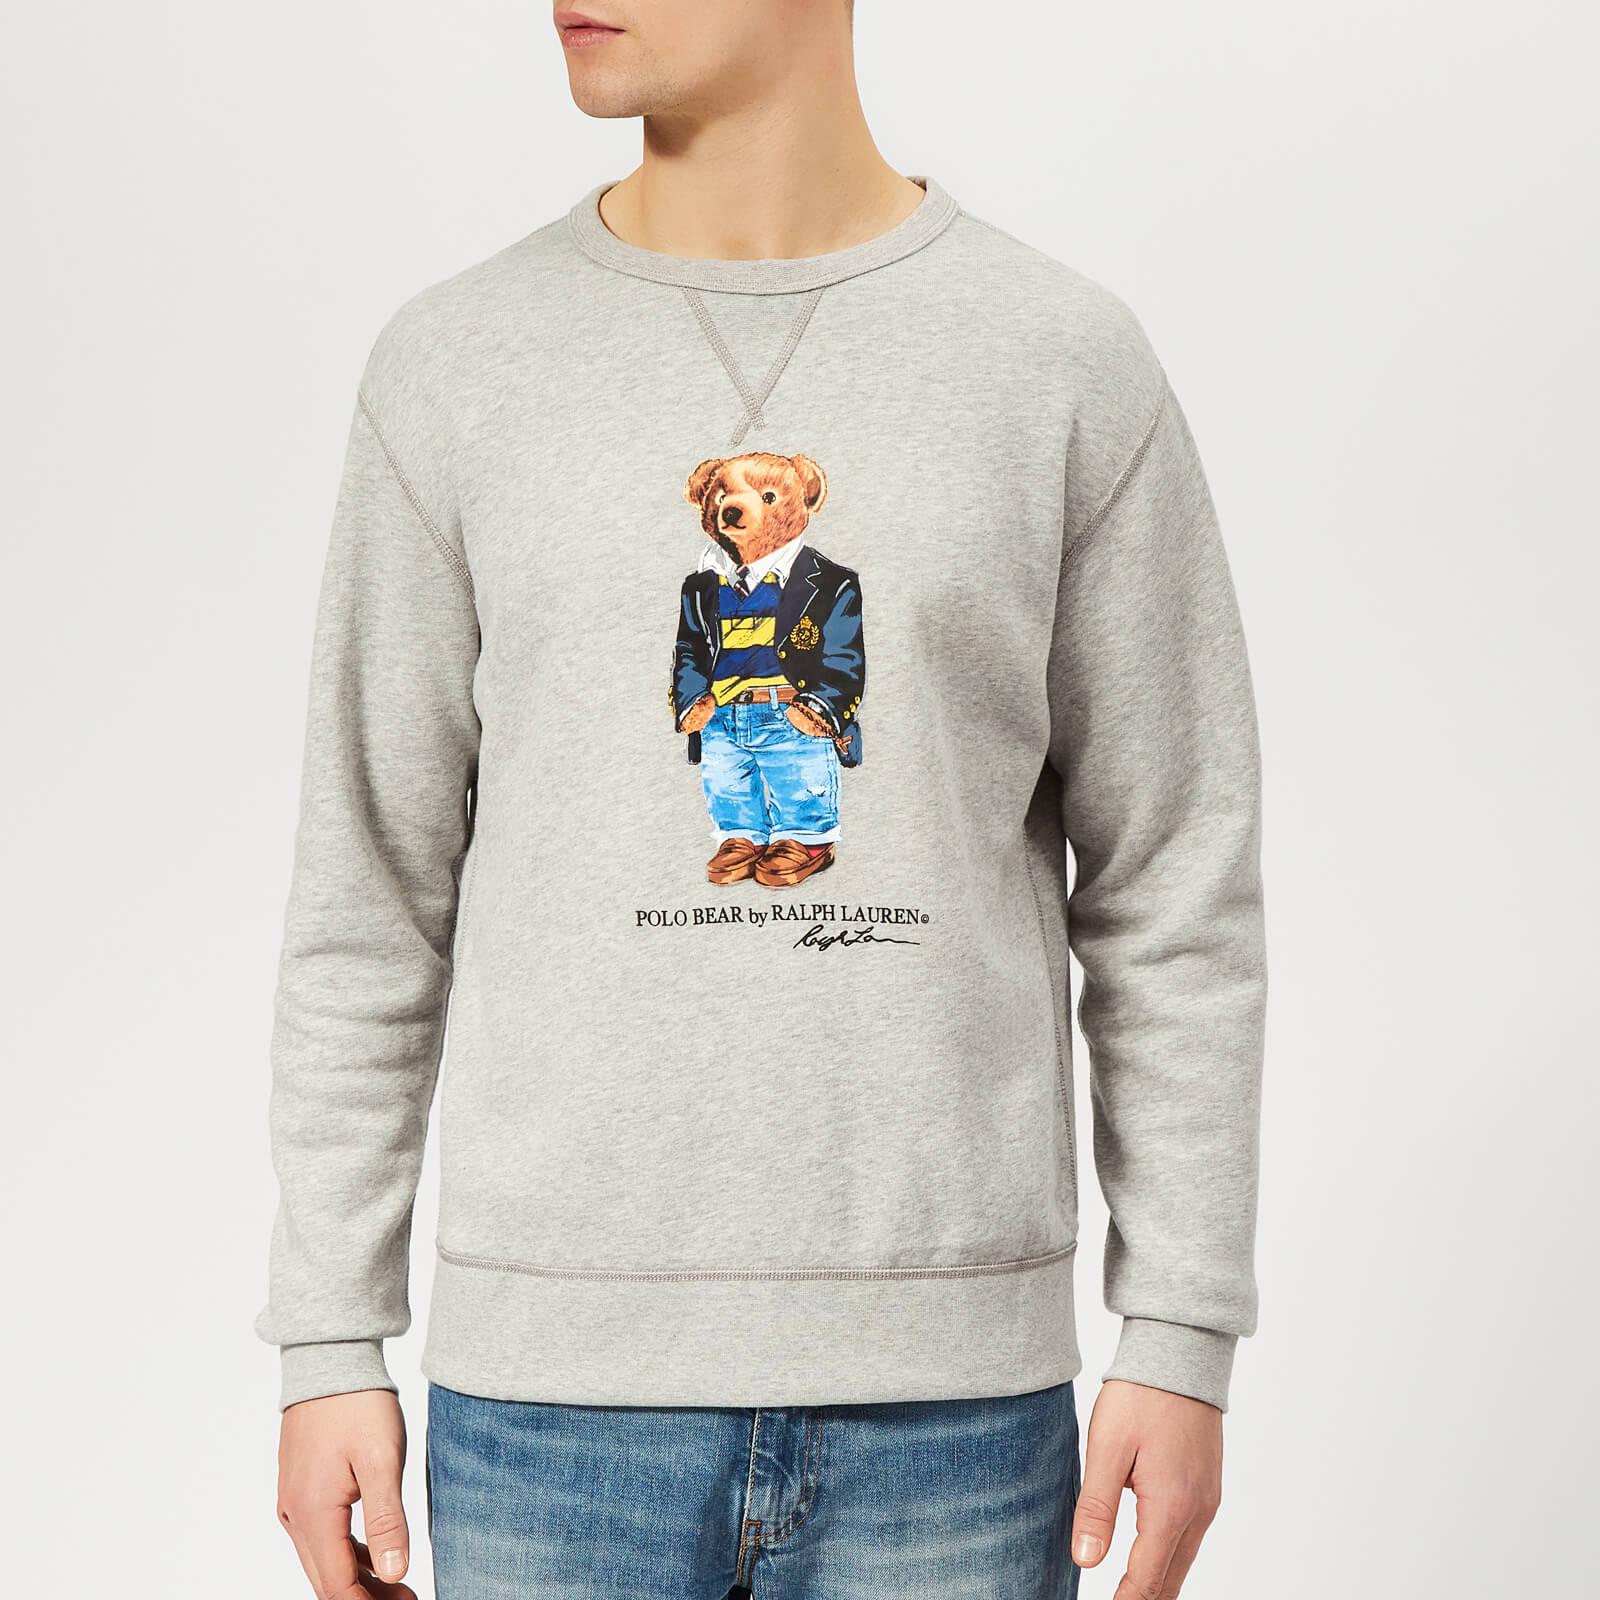 b4503034 Polo Ralph Lauren Men's Bear Sweatshirt - Andover Heather - Free UK  Delivery over £50